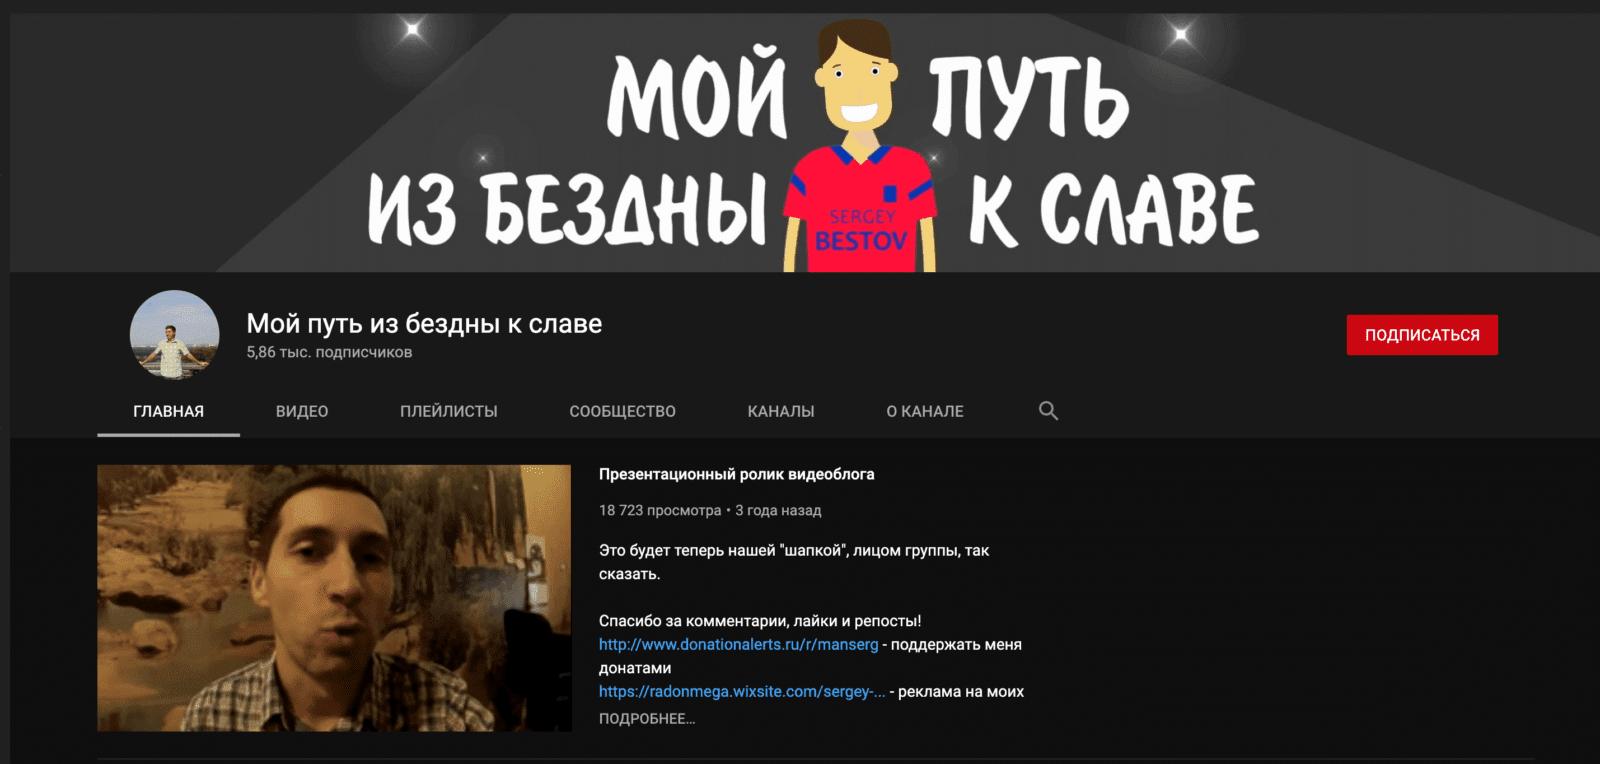 Ютуб канал Мой путь из бездны к славе (Автор Сергей Бестов)